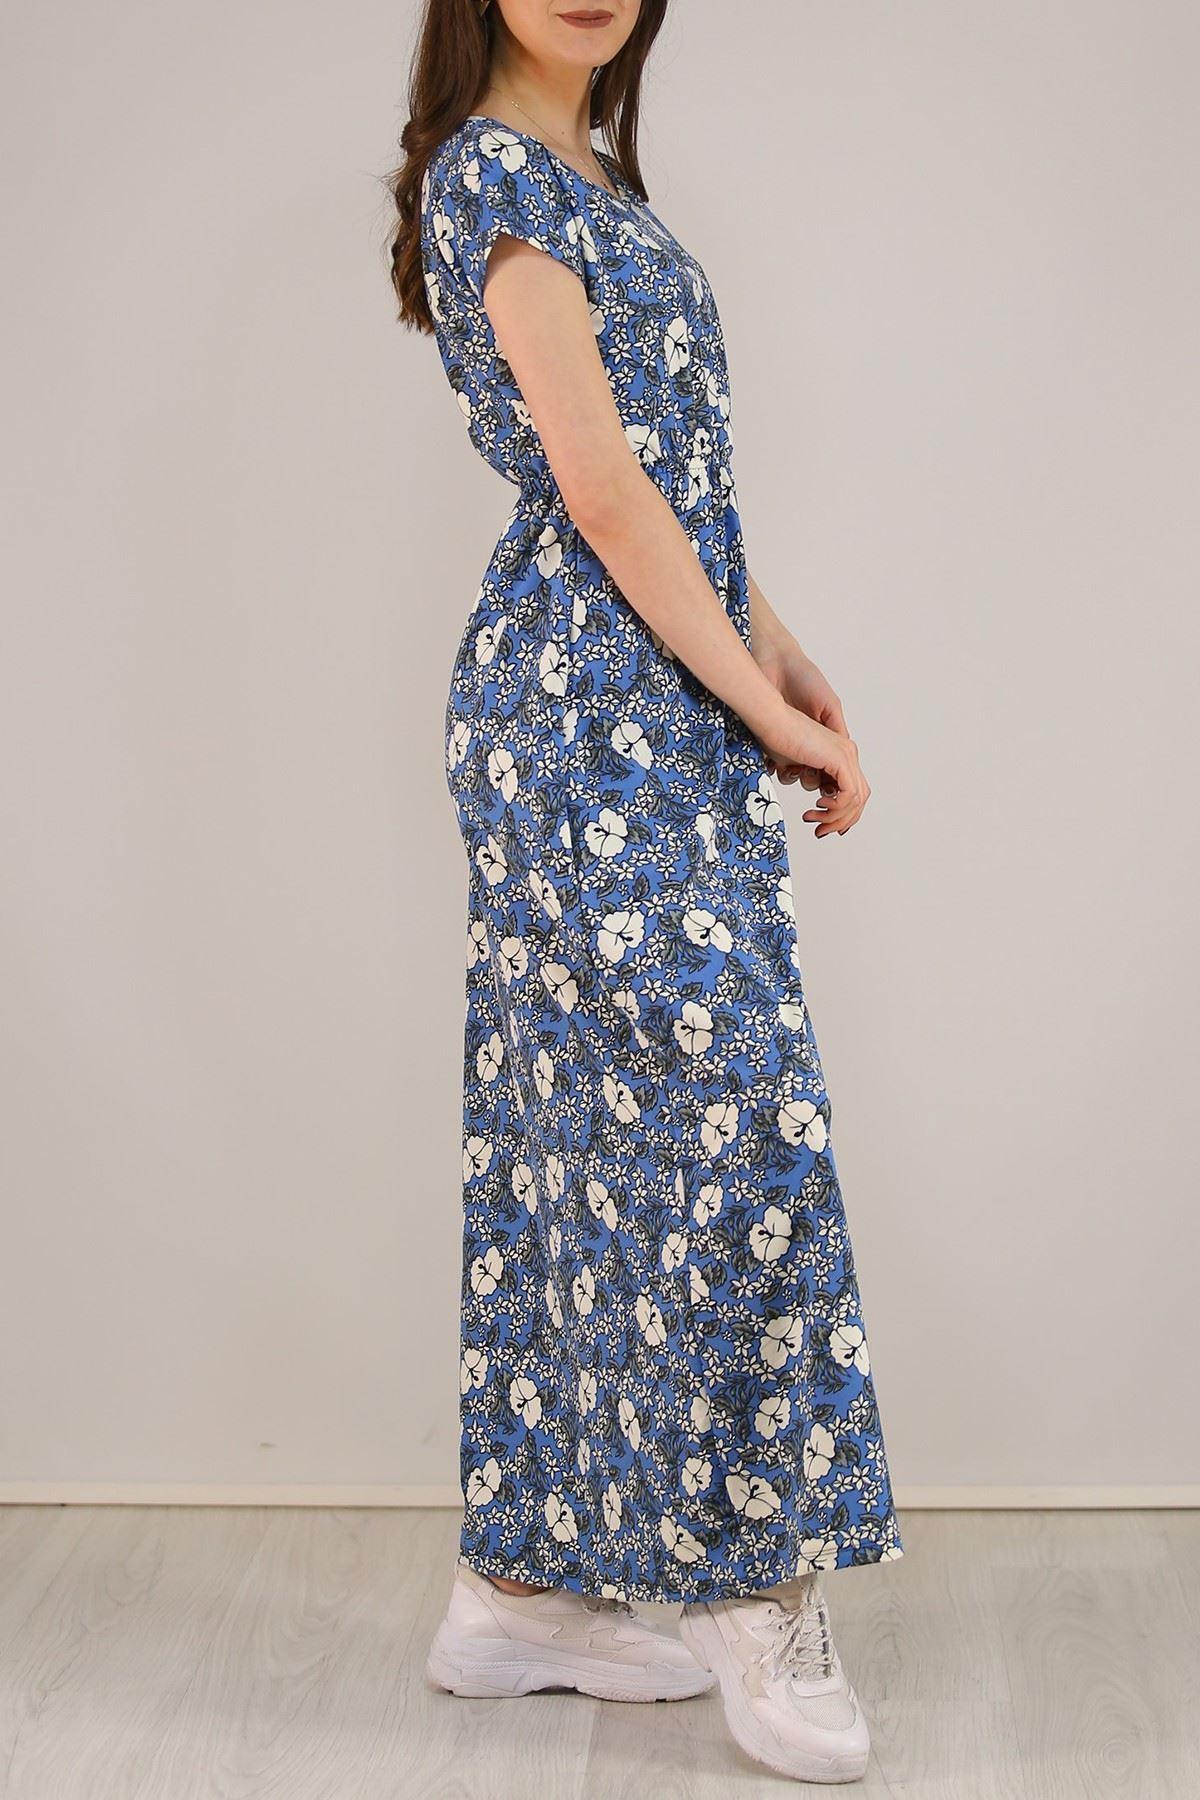 Desenli Elbise Mavi - 5088.716.